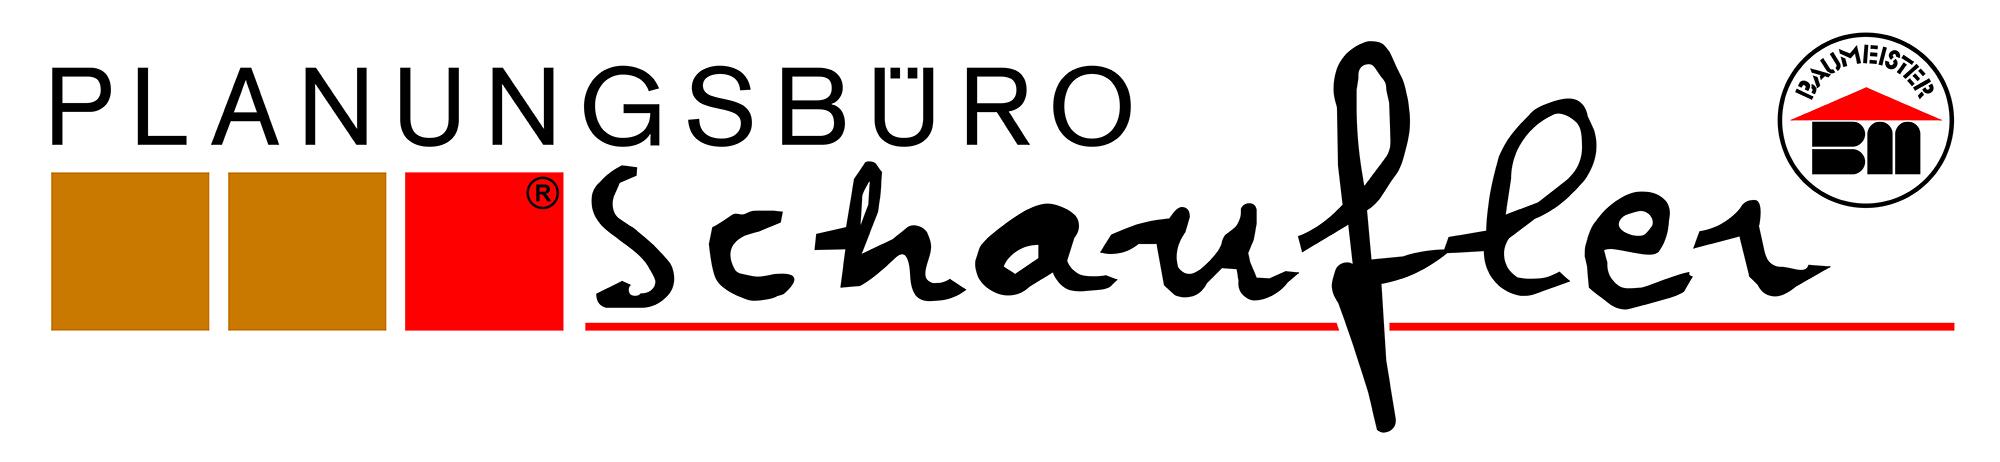 Planungsbüro Baumeister Andreas Schaufler Pregarten